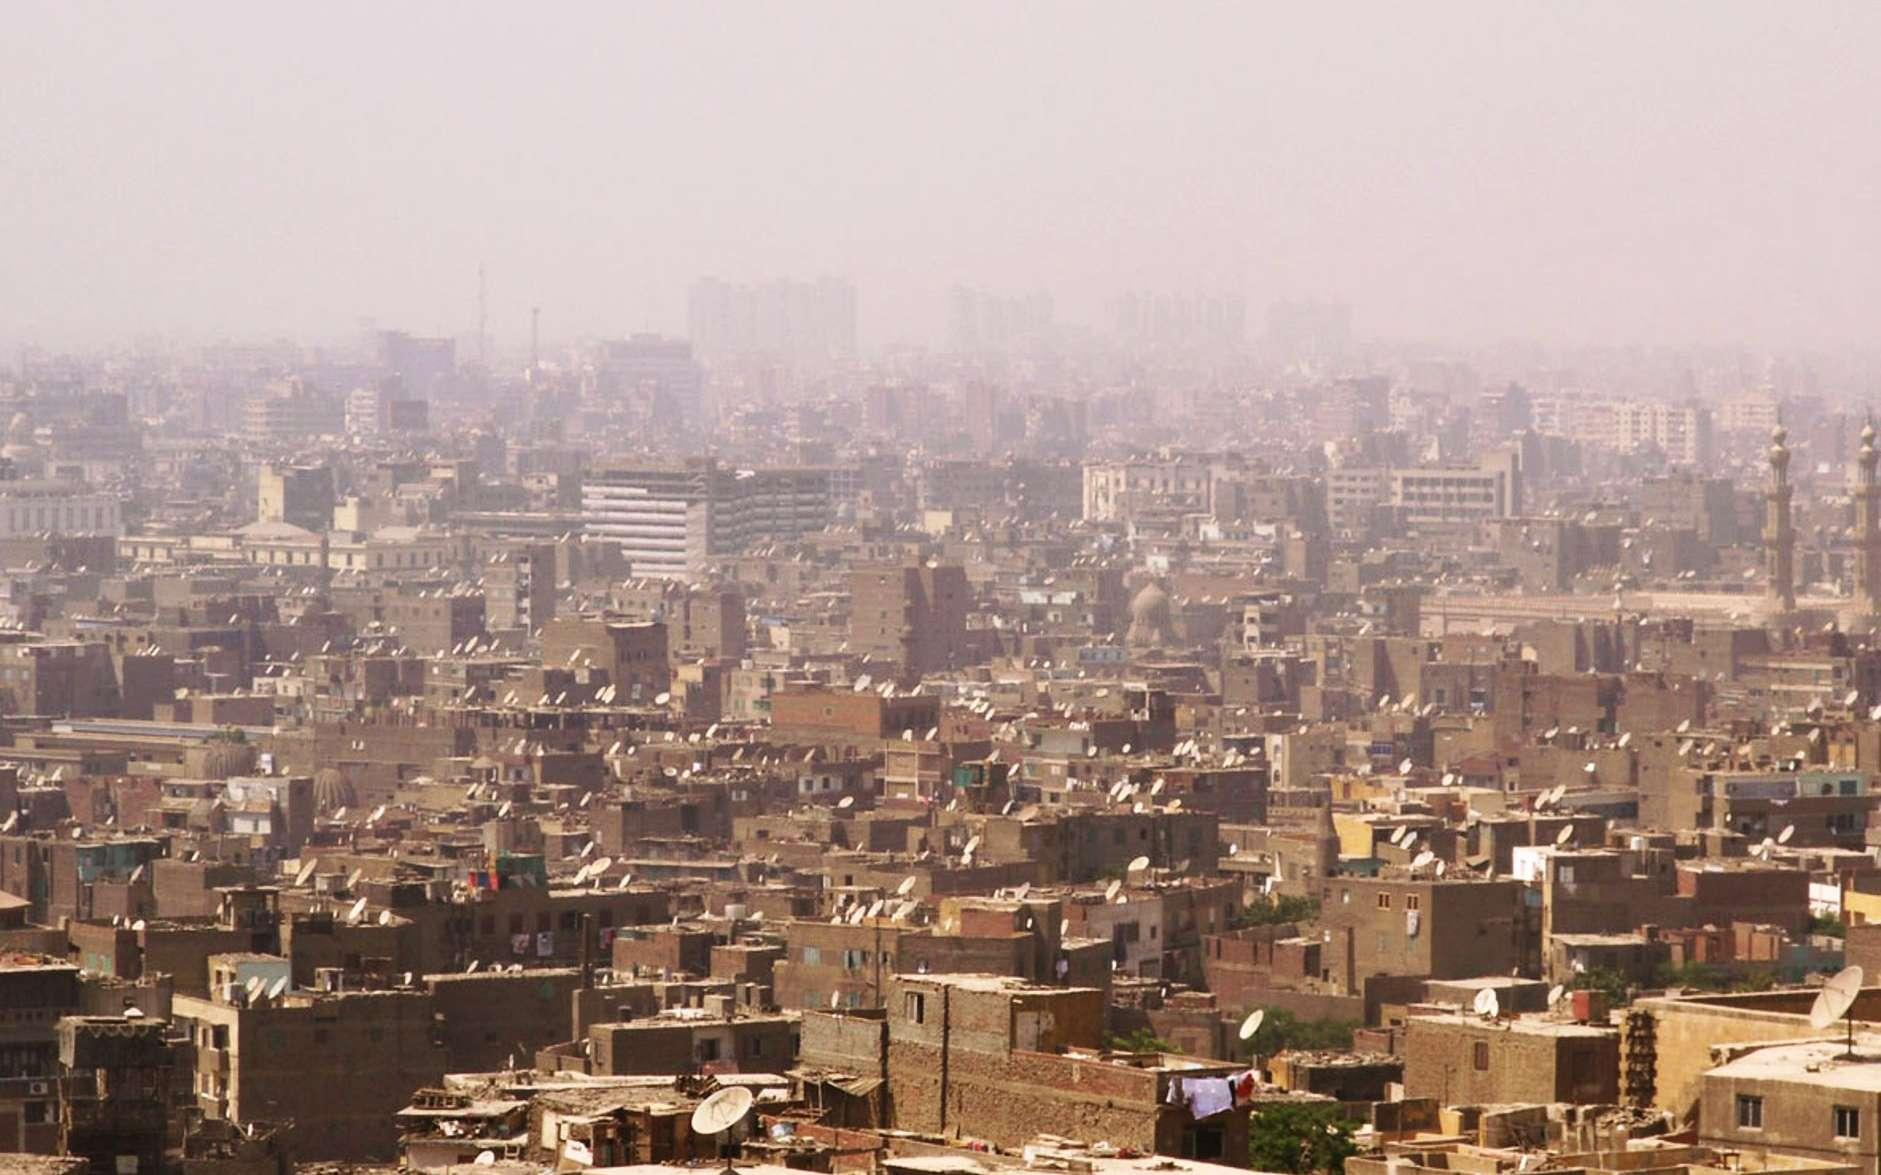 Une vue du Caire en plein smog. Des vagues de chaleur avec des températures pouvant dépasser les 40 °C sont très dures à supporter dans ce genre de ville. La population de l'Égypte compte déjà 88 millions de personnes. Que feront-elles si elles deviennent des réfugiés climatiques? © Wikipédia cc by sa 3.0